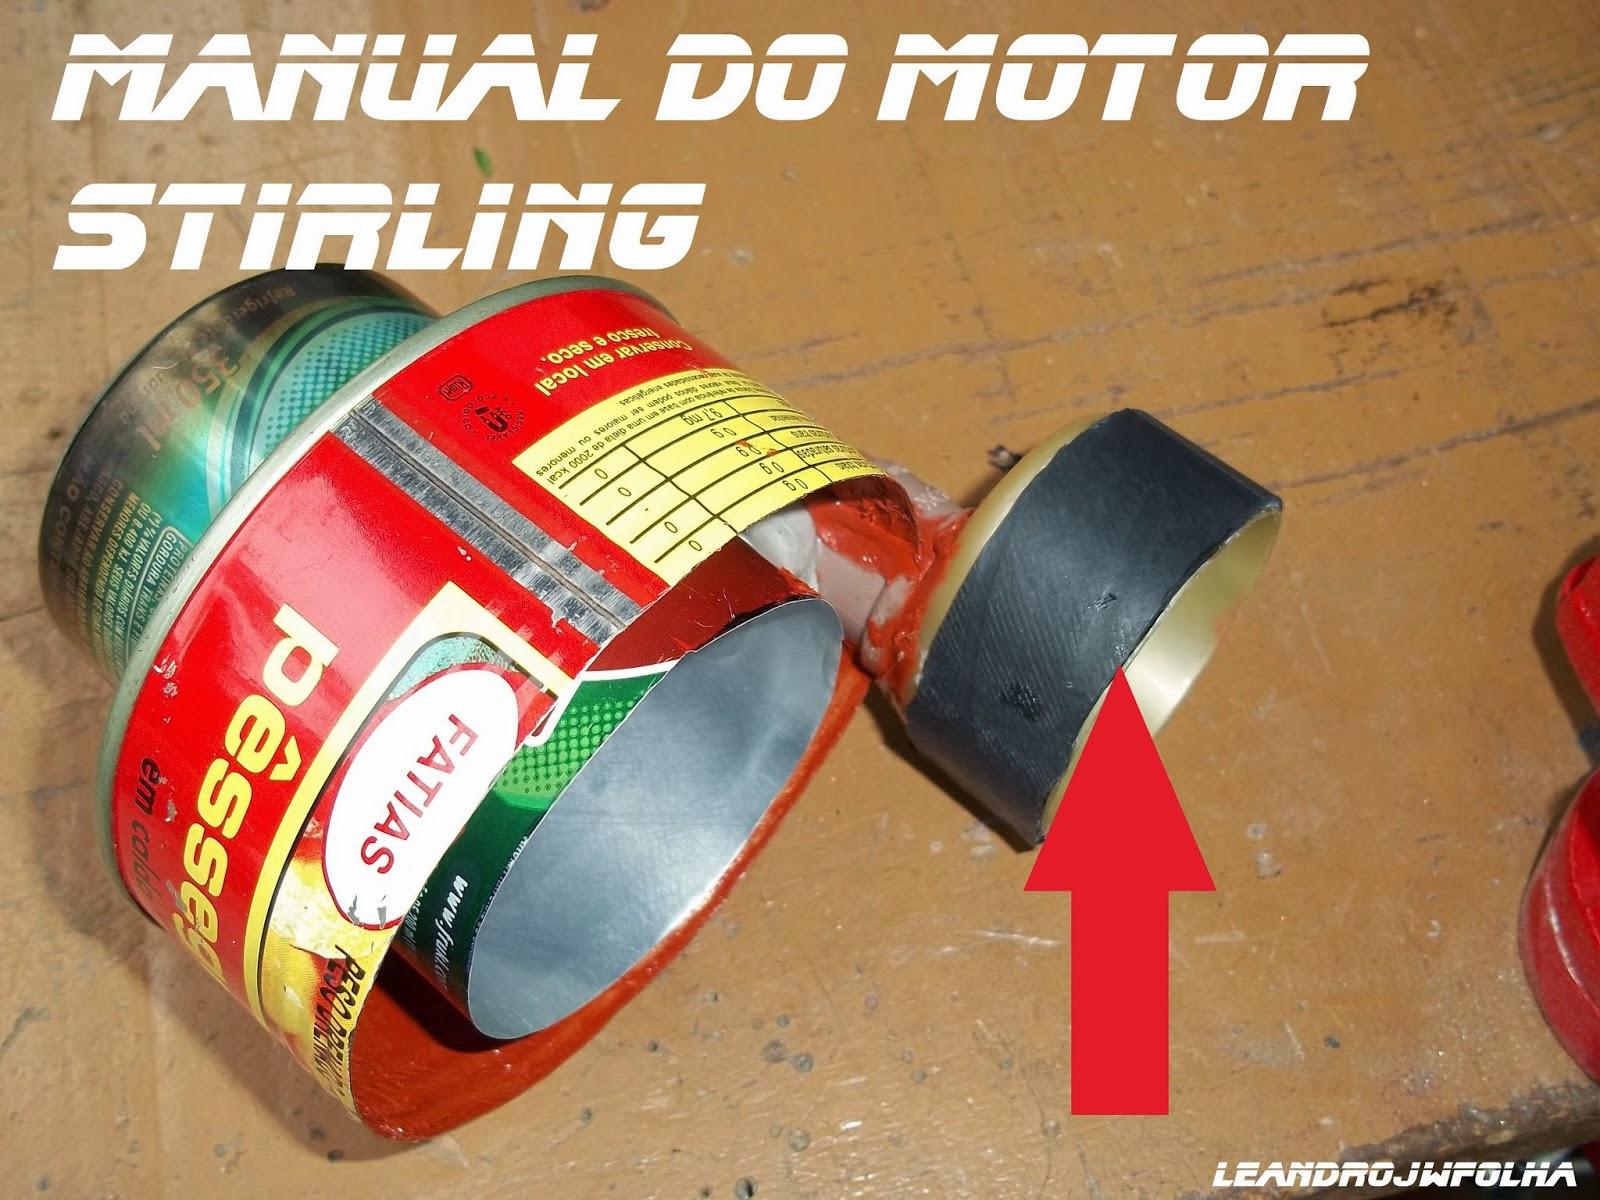 Cilindro do pistão de trabalho (motor Gama), Manual do motor Stirling